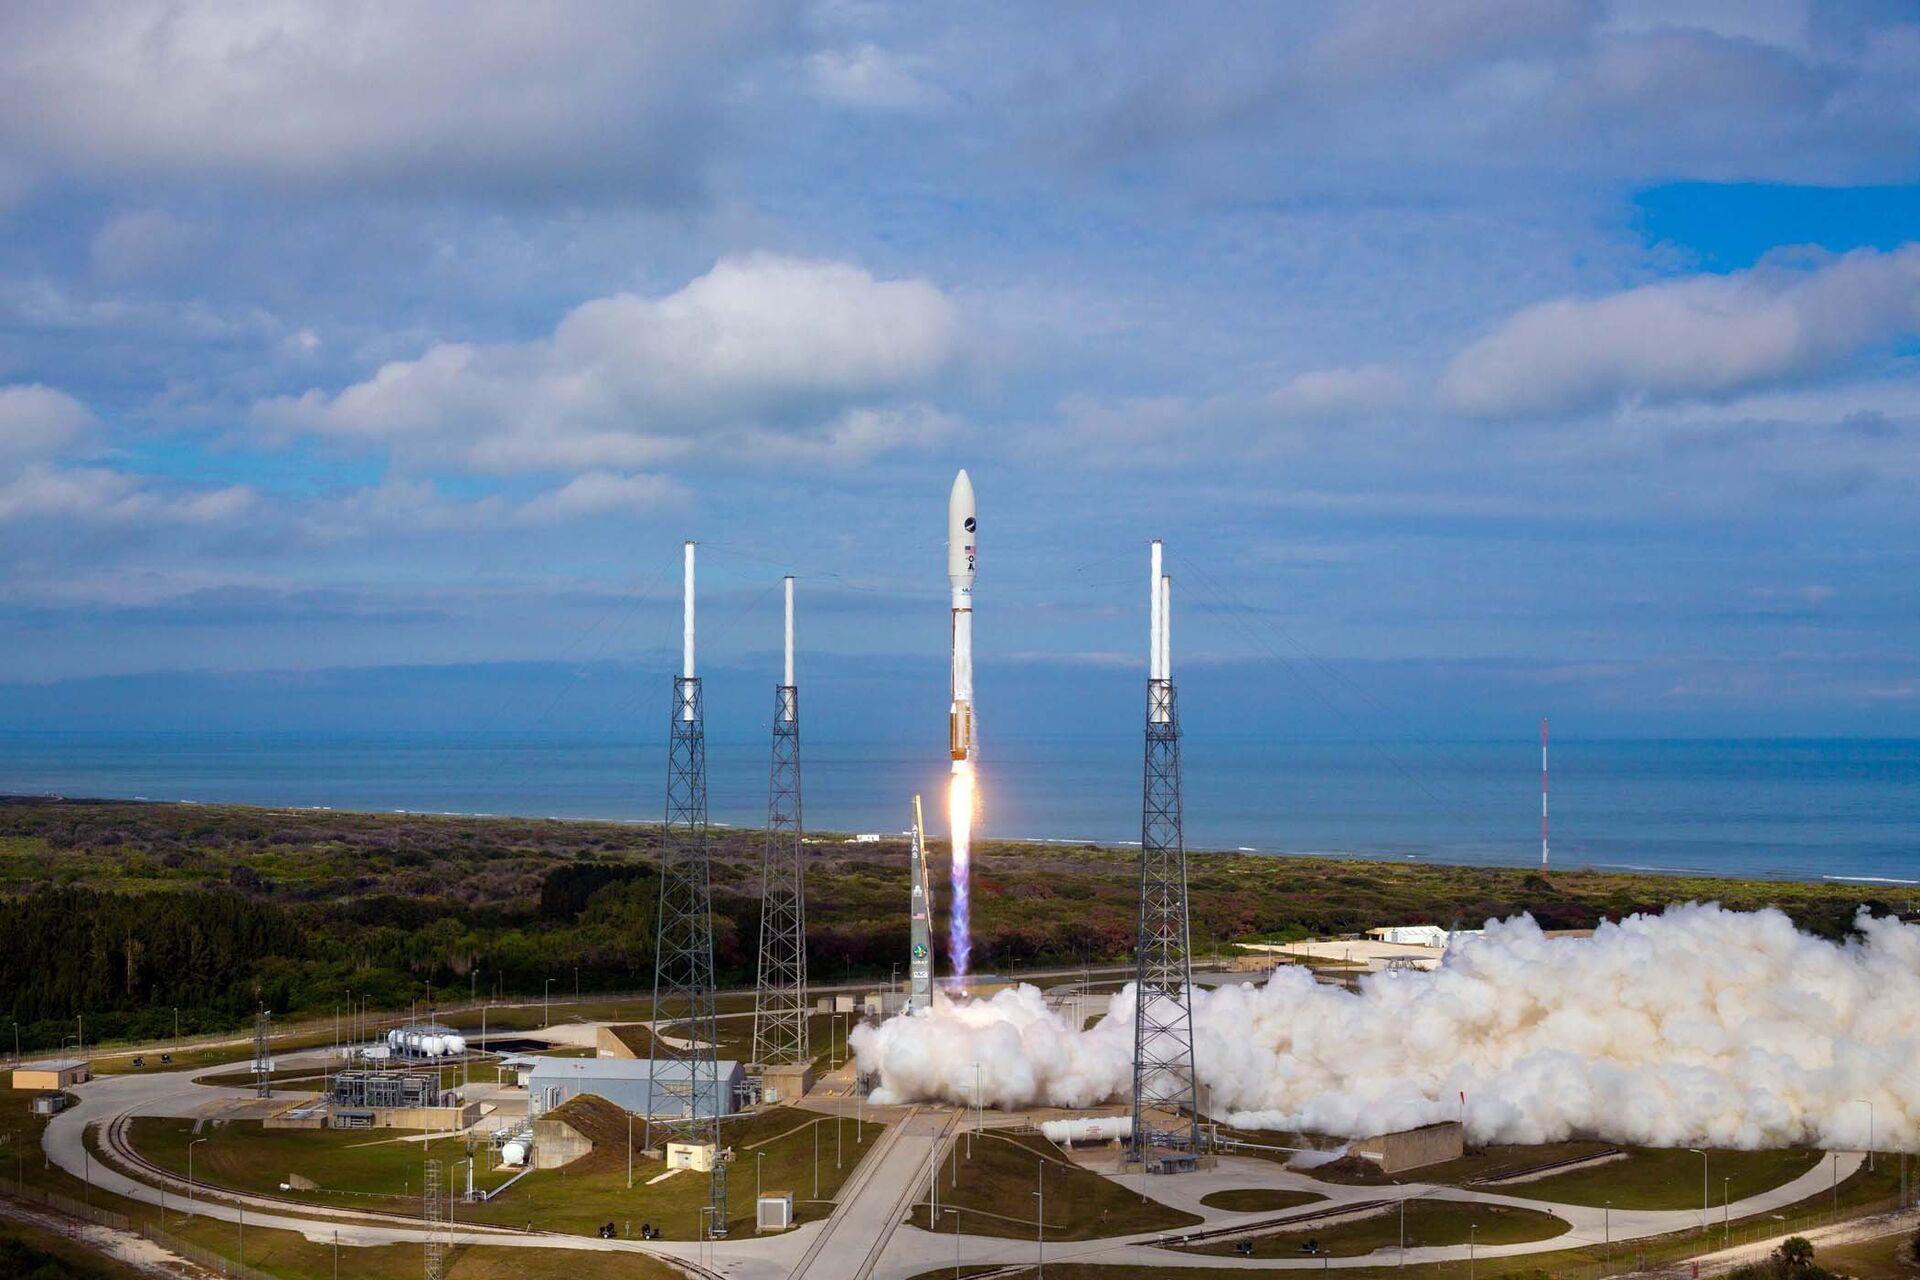 Старт ракеты Atlas V со спутником вооруженных сил США с мыса Канаверал, штат Флорида - РИА Новости, 1920, 02.07.2021